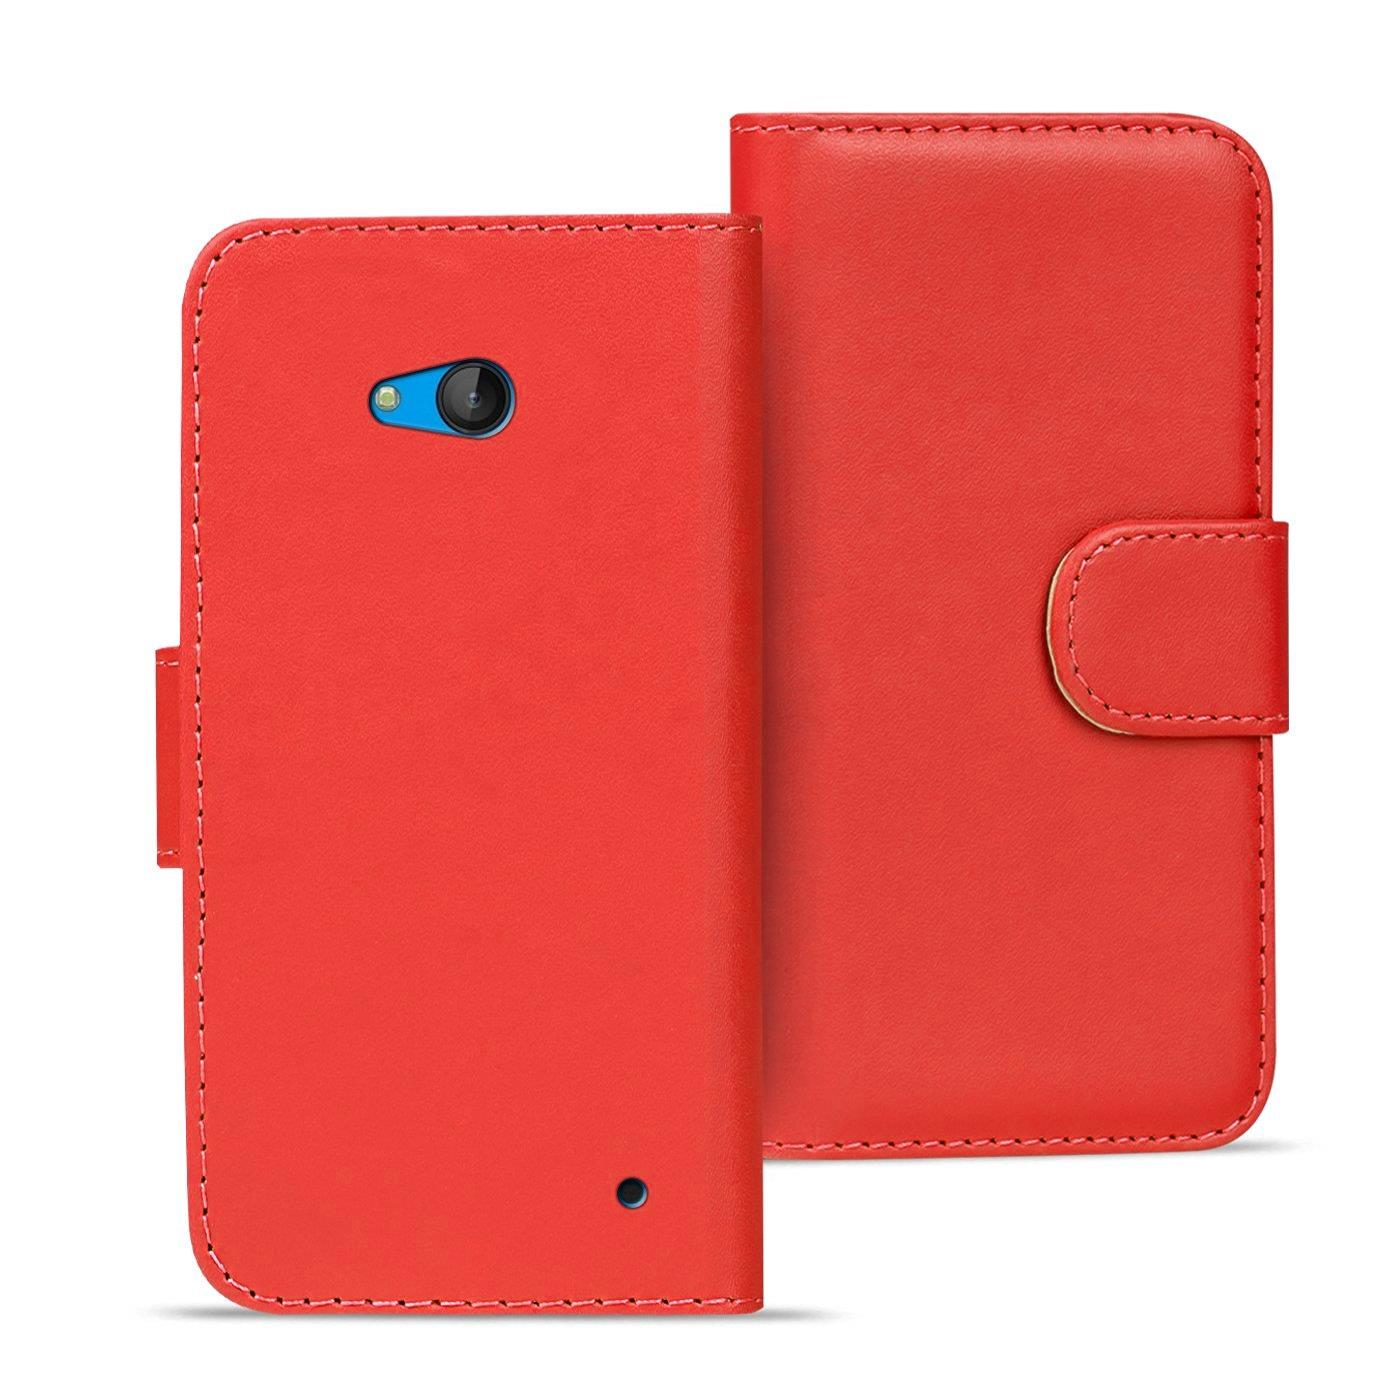 Handy-Tasche-fuer-Microsoft-Nokia-Lumia-Flip-Cover-Case-Schutz-Huelle-Etui-Wallet